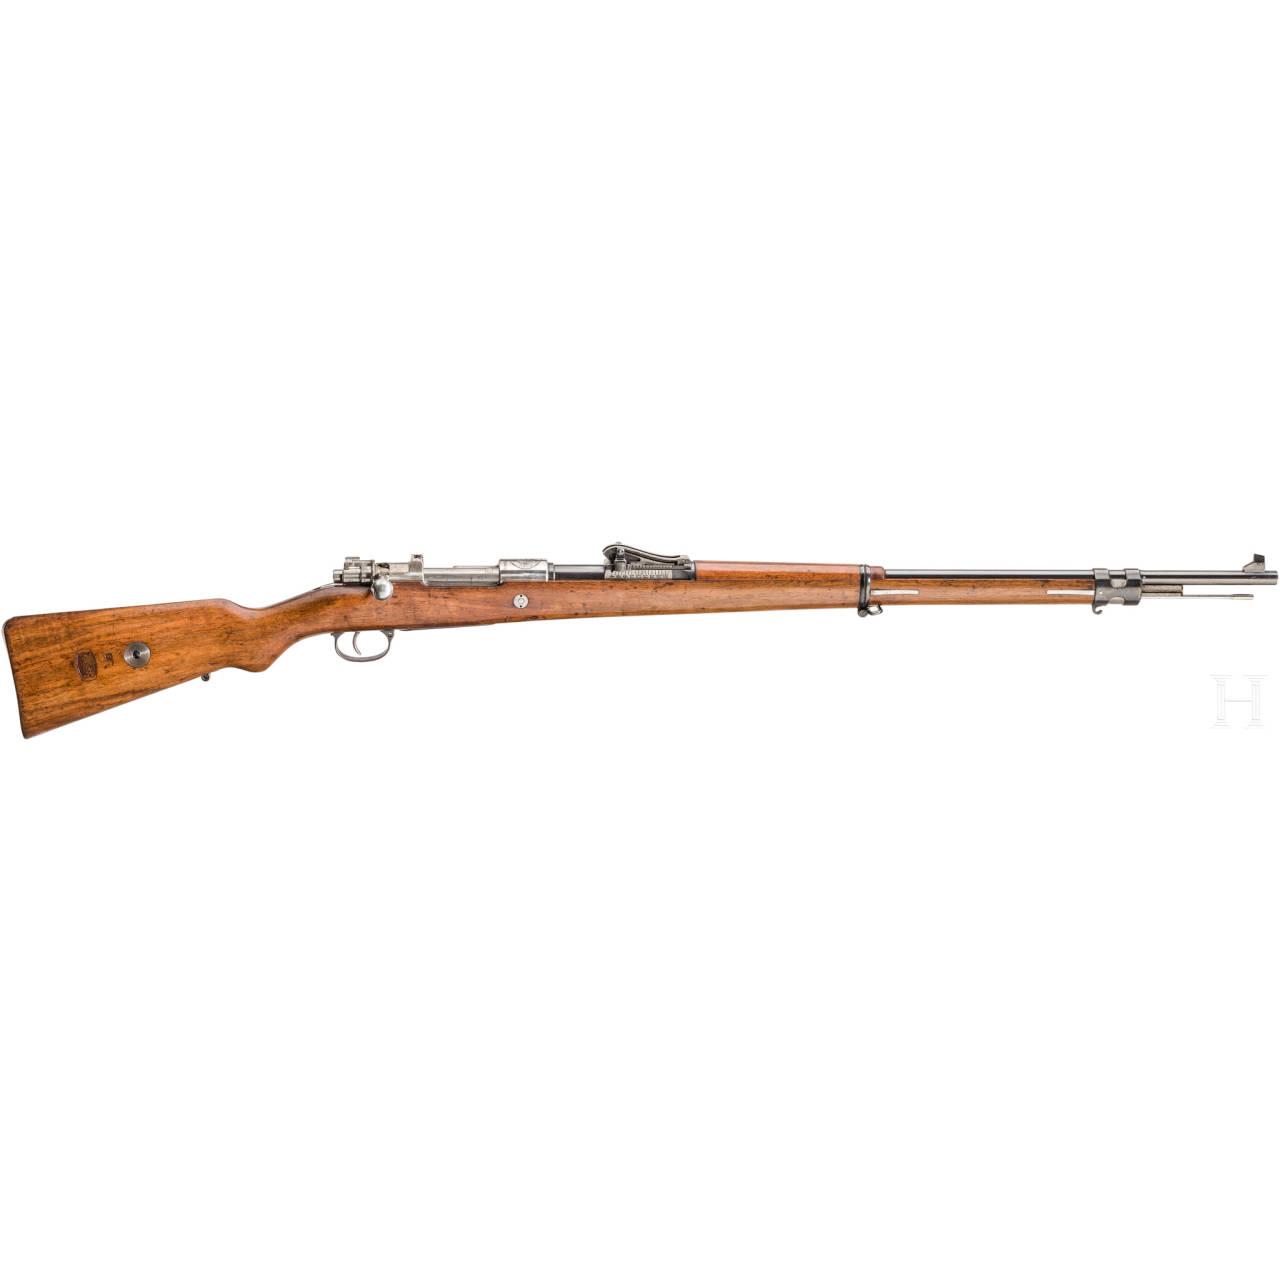 Mauser-Gewehr, Mod. 1909, Peru